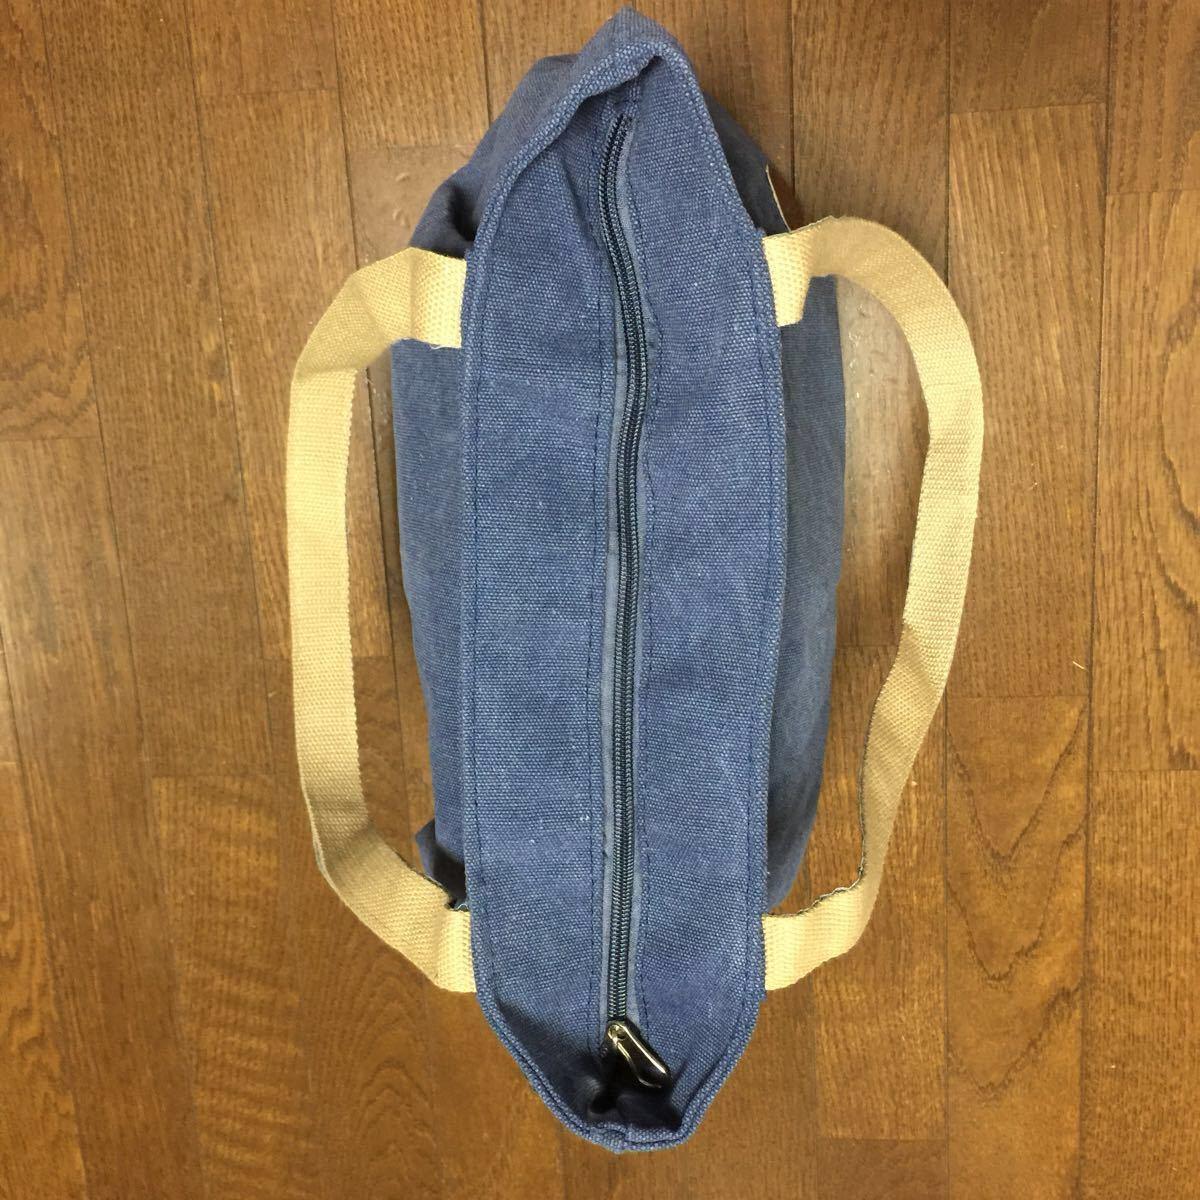 トートバッグ 新品未使用 鞄 キャンパス ブルー